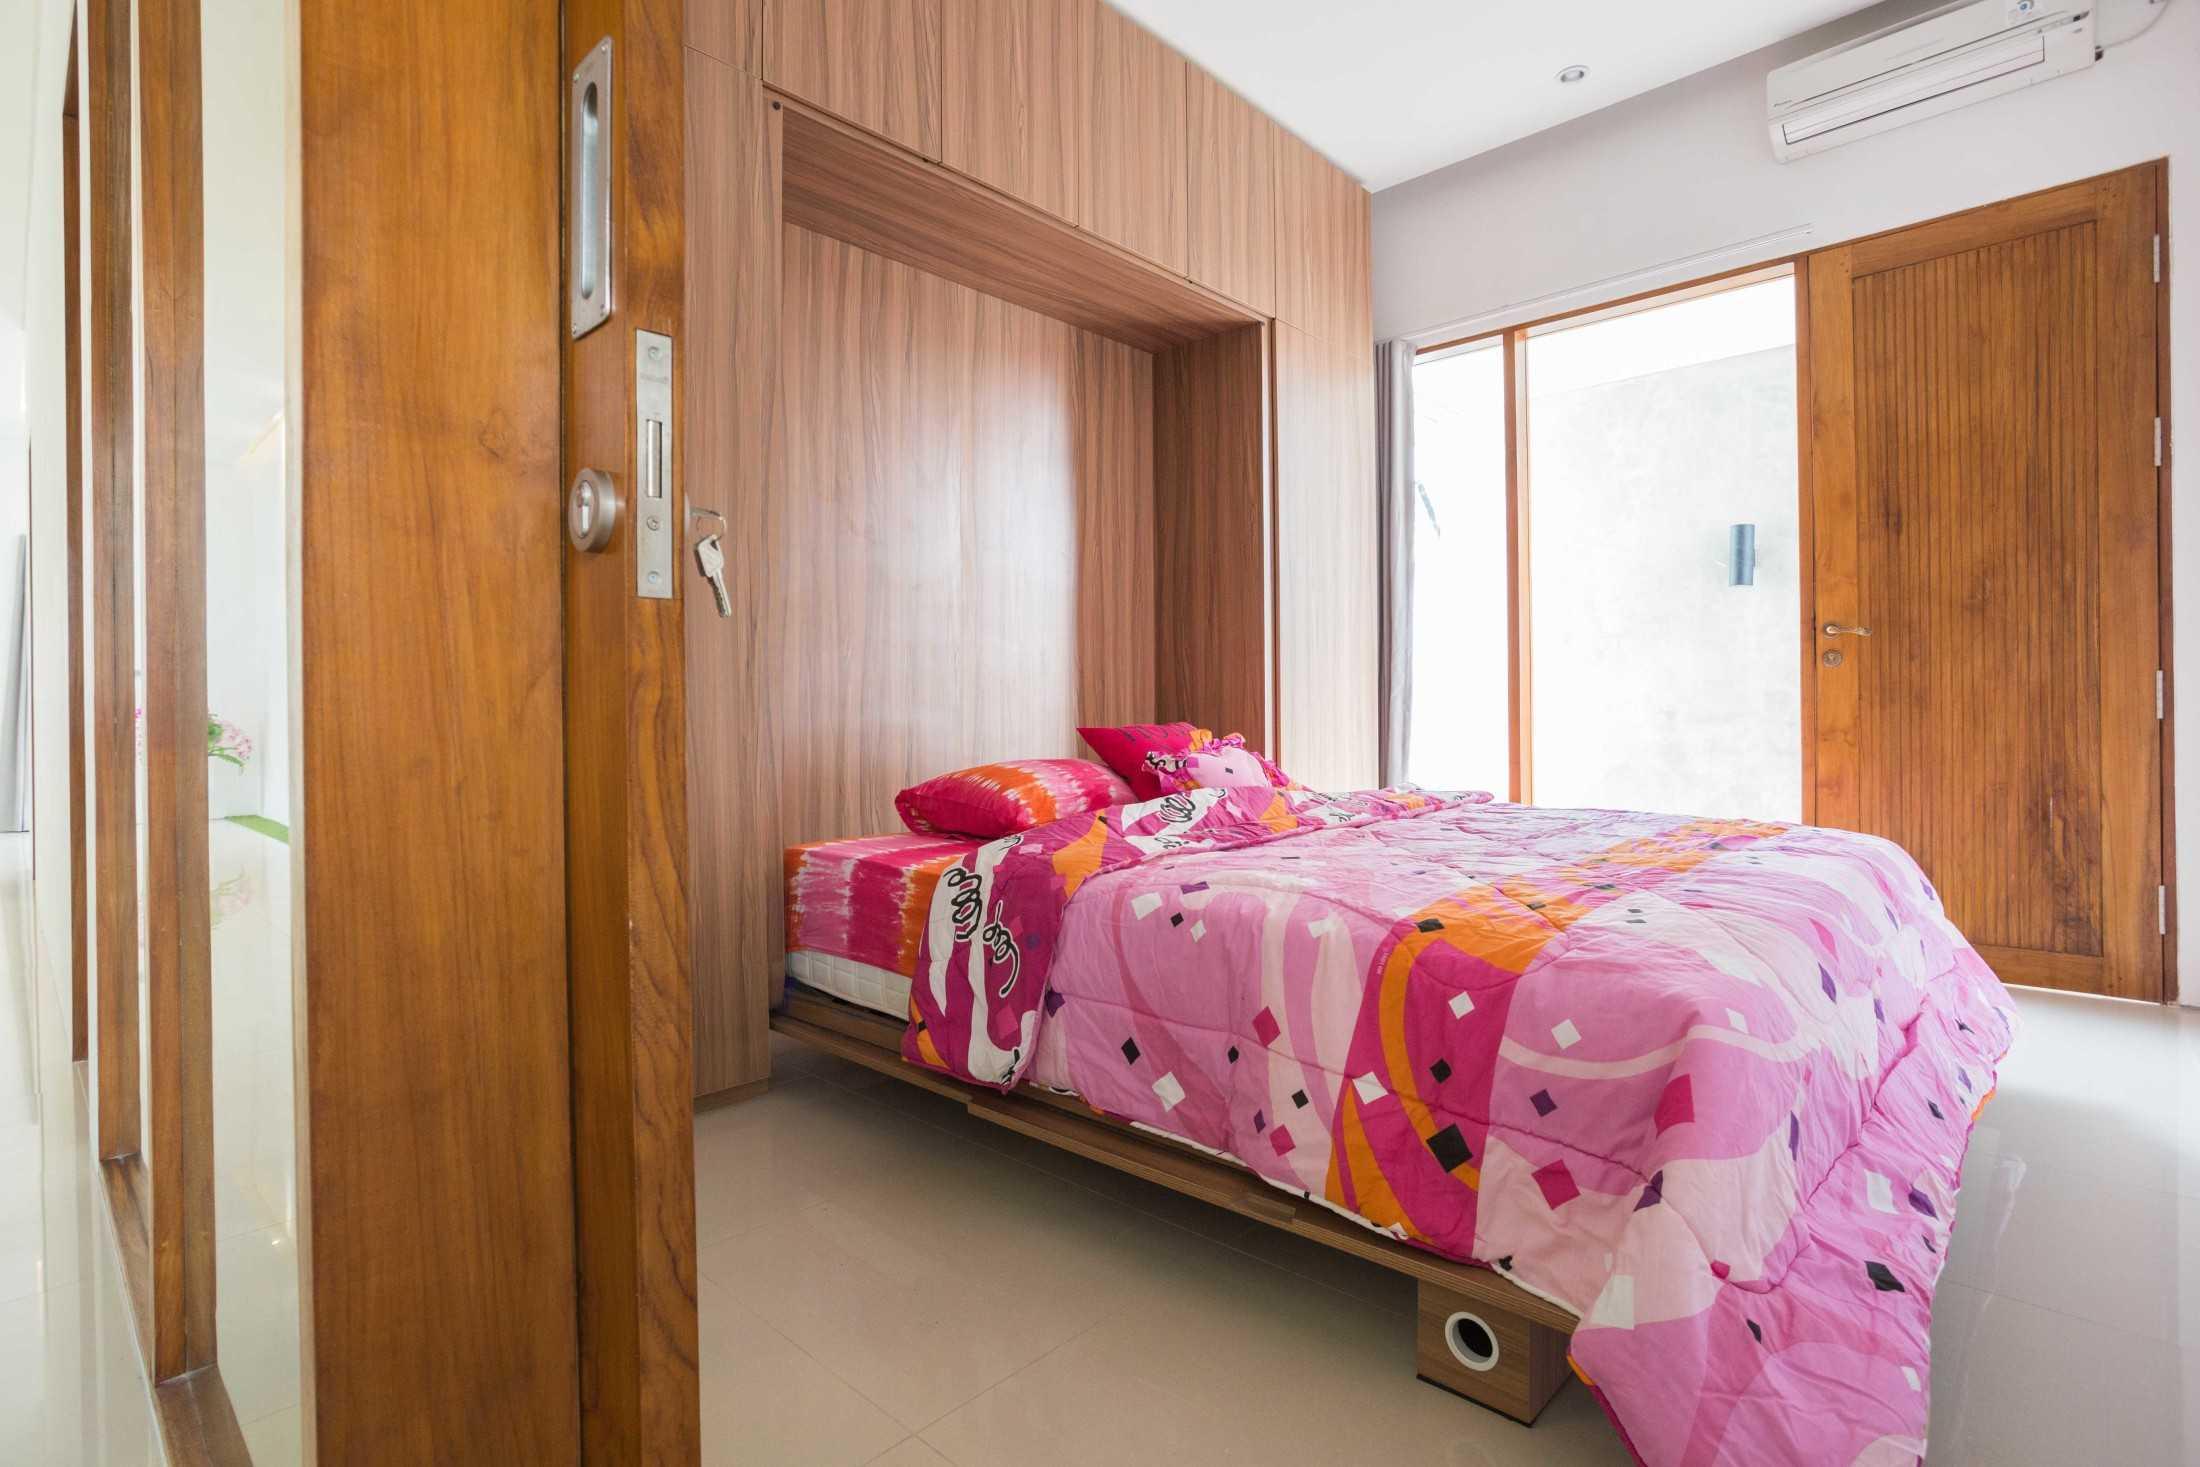 Guntur Haryadi Architecture Studio Ni House Depok, Kota Depok, Jawa Barat, Indonesia Depok, Kota Depok, Jawa Barat, Indonesia Guntur-Haryadi-Architecture-Studio-Ni-House  62619